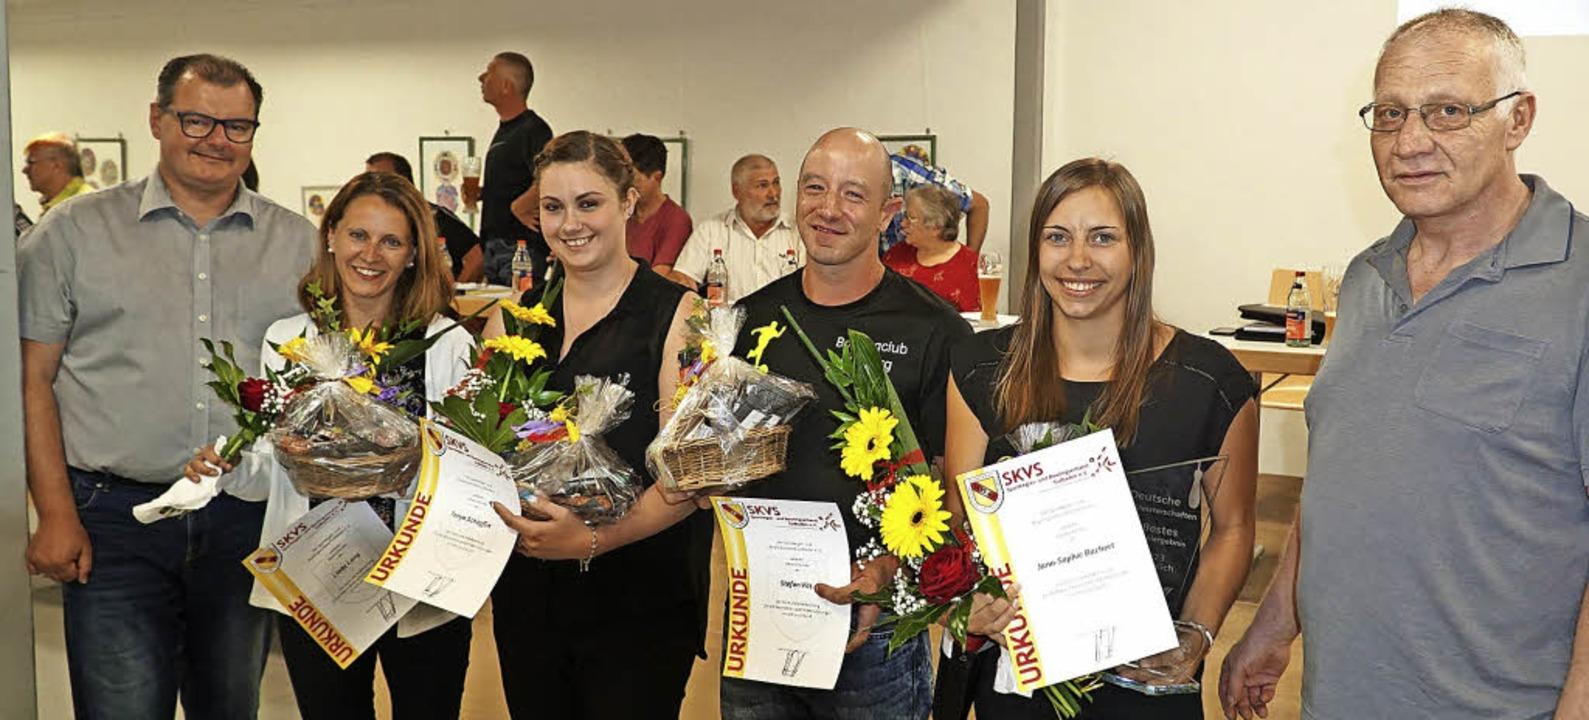 Für herausragende  Leistungen ehrten S...Stefan Vitt und  Jana-Sophie Bachert.   | Foto: Bächle